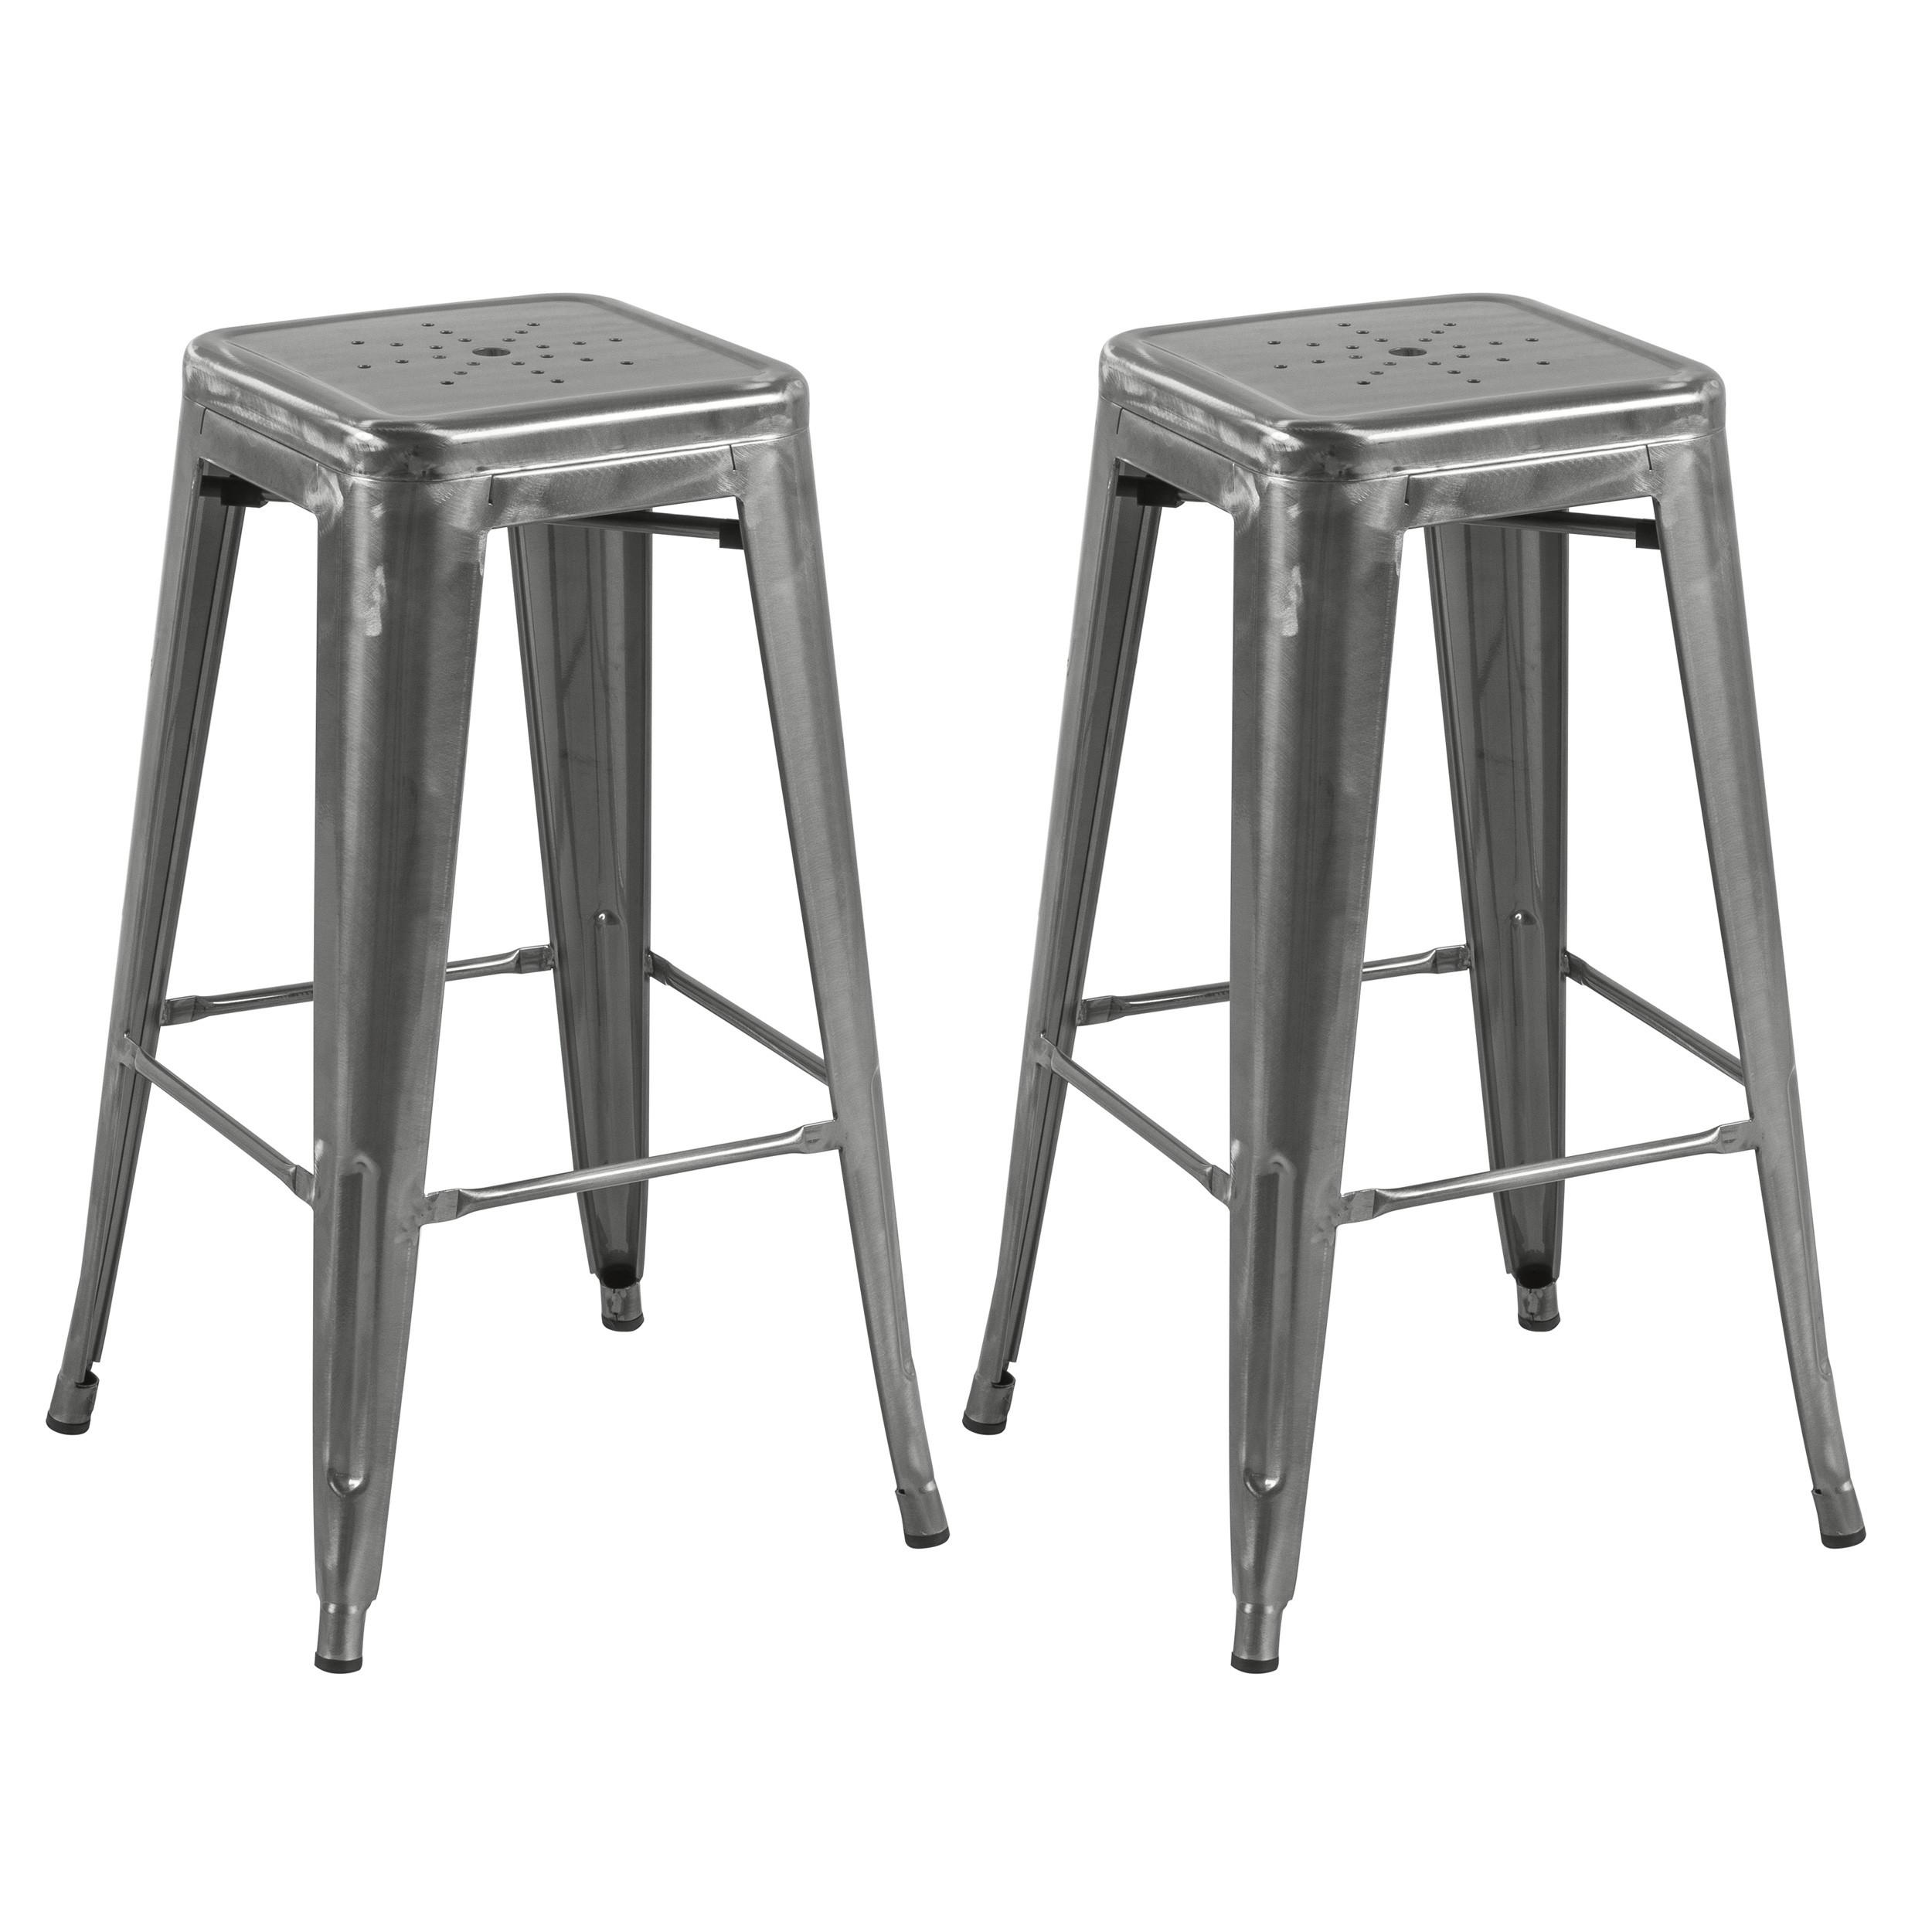 tabouret de bar indus chrome lot de 2 commandez les tabourets de bar indus chrome rdv d co. Black Bedroom Furniture Sets. Home Design Ideas